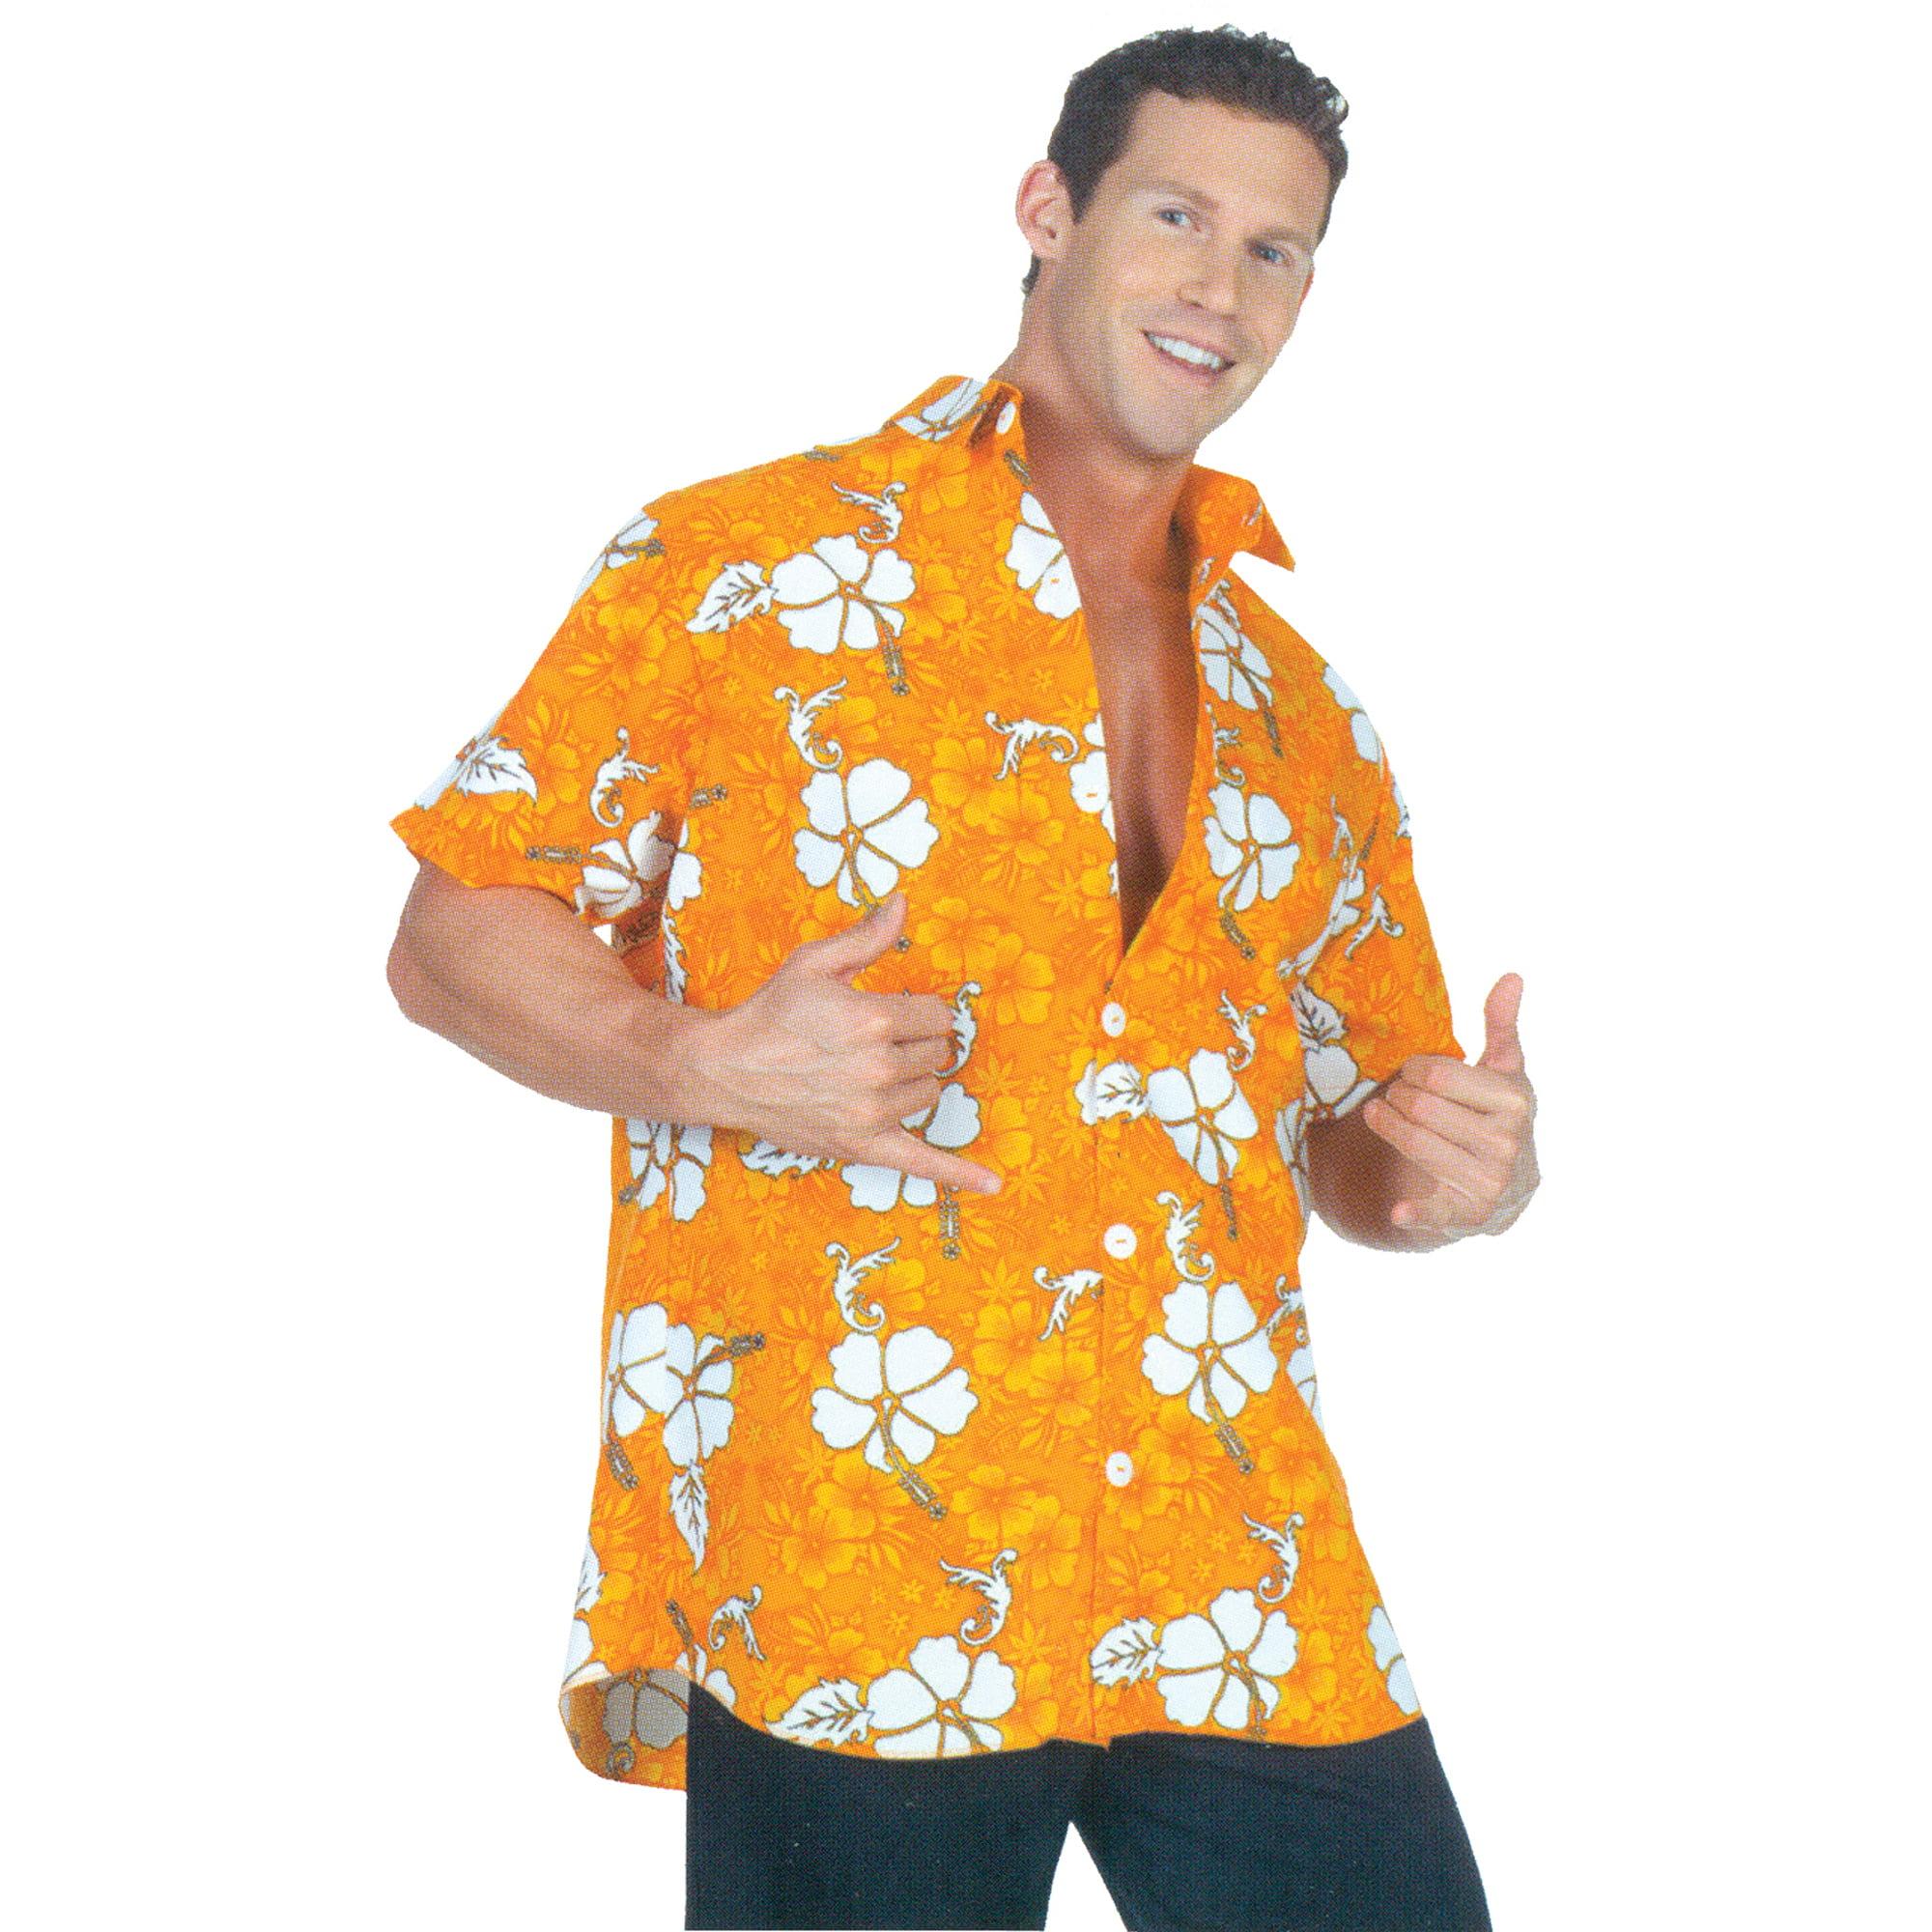 Orange Hawaiian Shirt Adult Halloween Costume Walmart